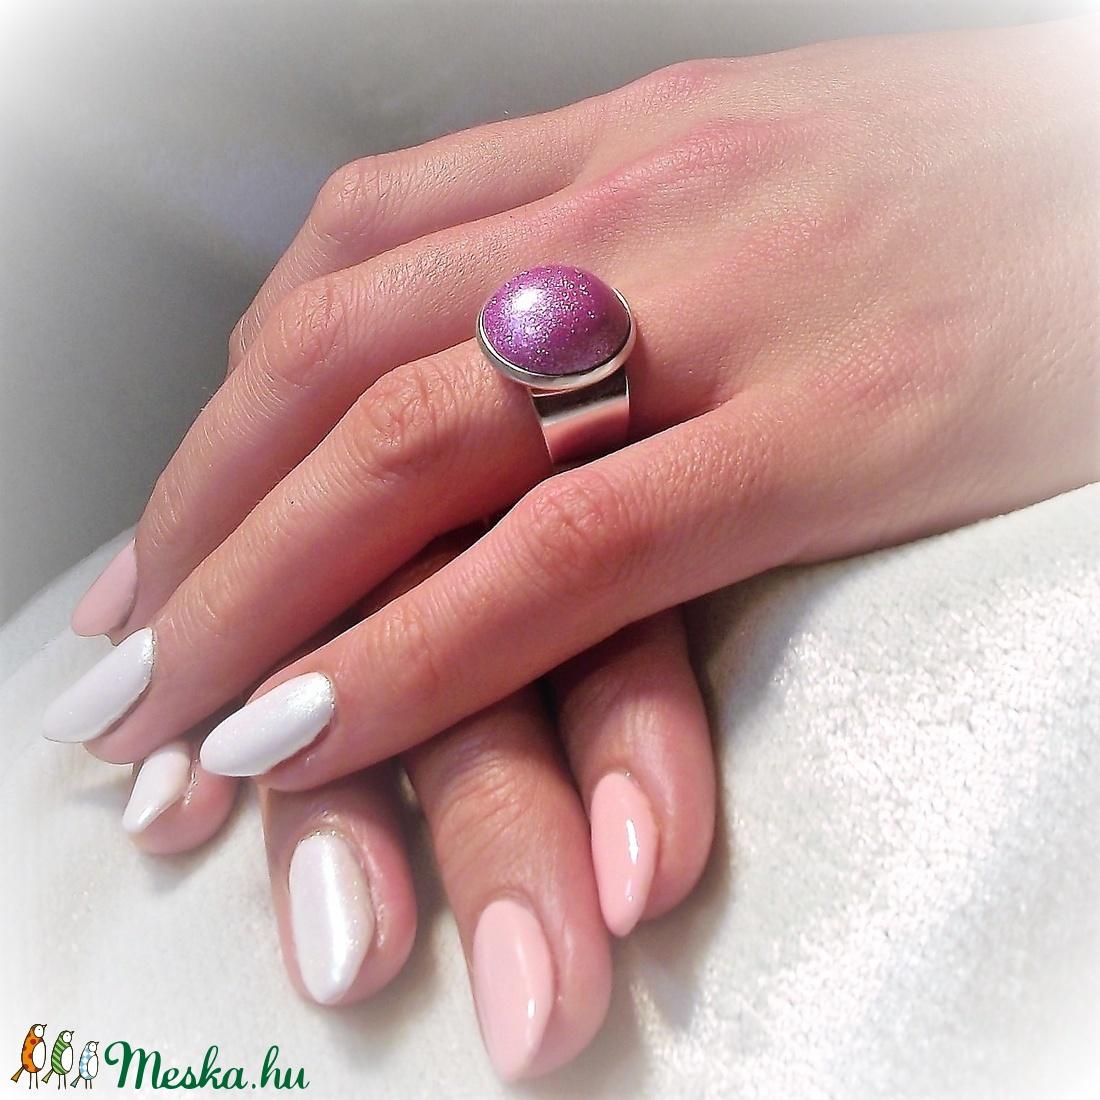 UNIKORNIS lila kerámia gyűrű - Ajándék lányoknak nőknek névnapra születésnapra - ékszer - gyűrű - kerek gyűrű - Meska.hu